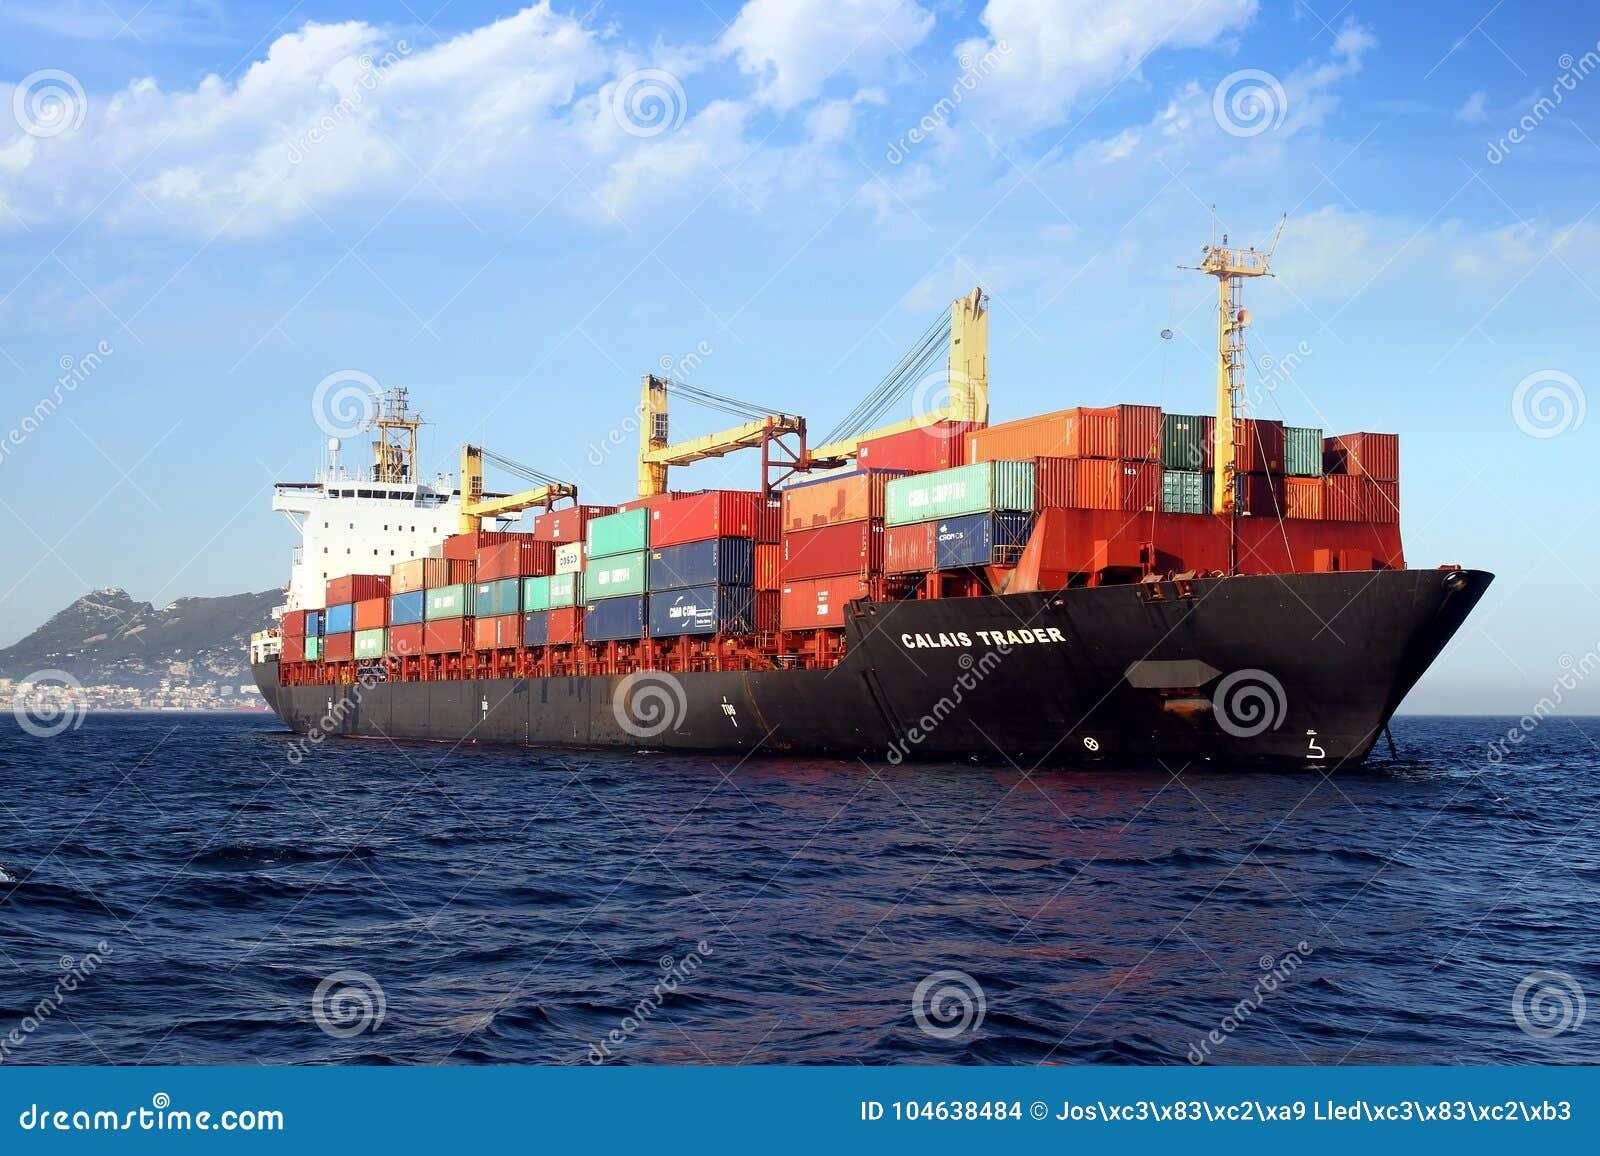 Download Containership De Handelaar Van Calais In Algeciras Baai In Spanje Wordt Verankerd Dat Redactionele Stock Afbeelding - Afbeelding bestaande uit kraan, shipping: 104638484